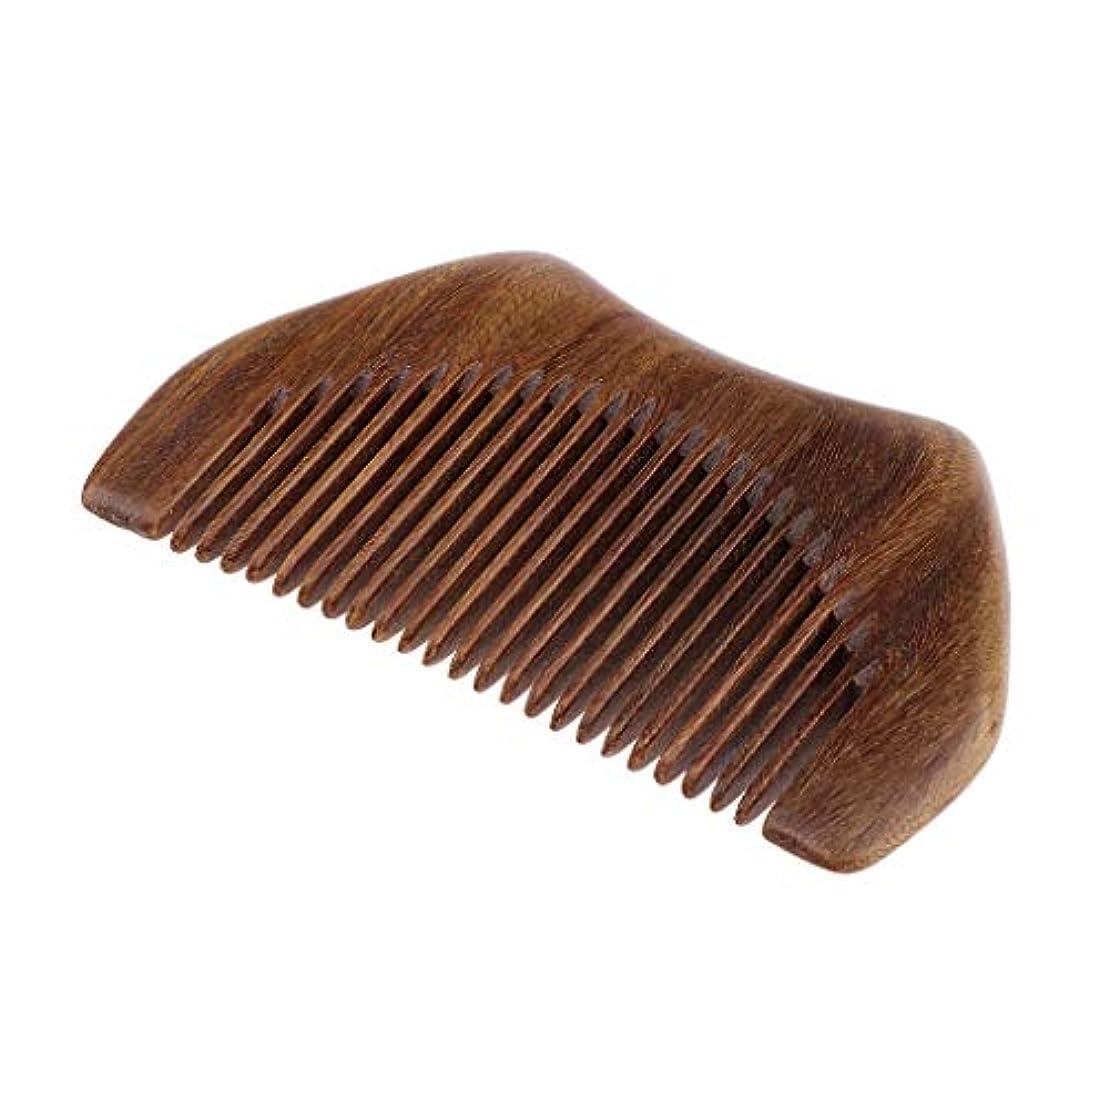 うま陸軍ブラケットヘアコーム 木製櫛 静電気防止櫛 ヘアサロン くし